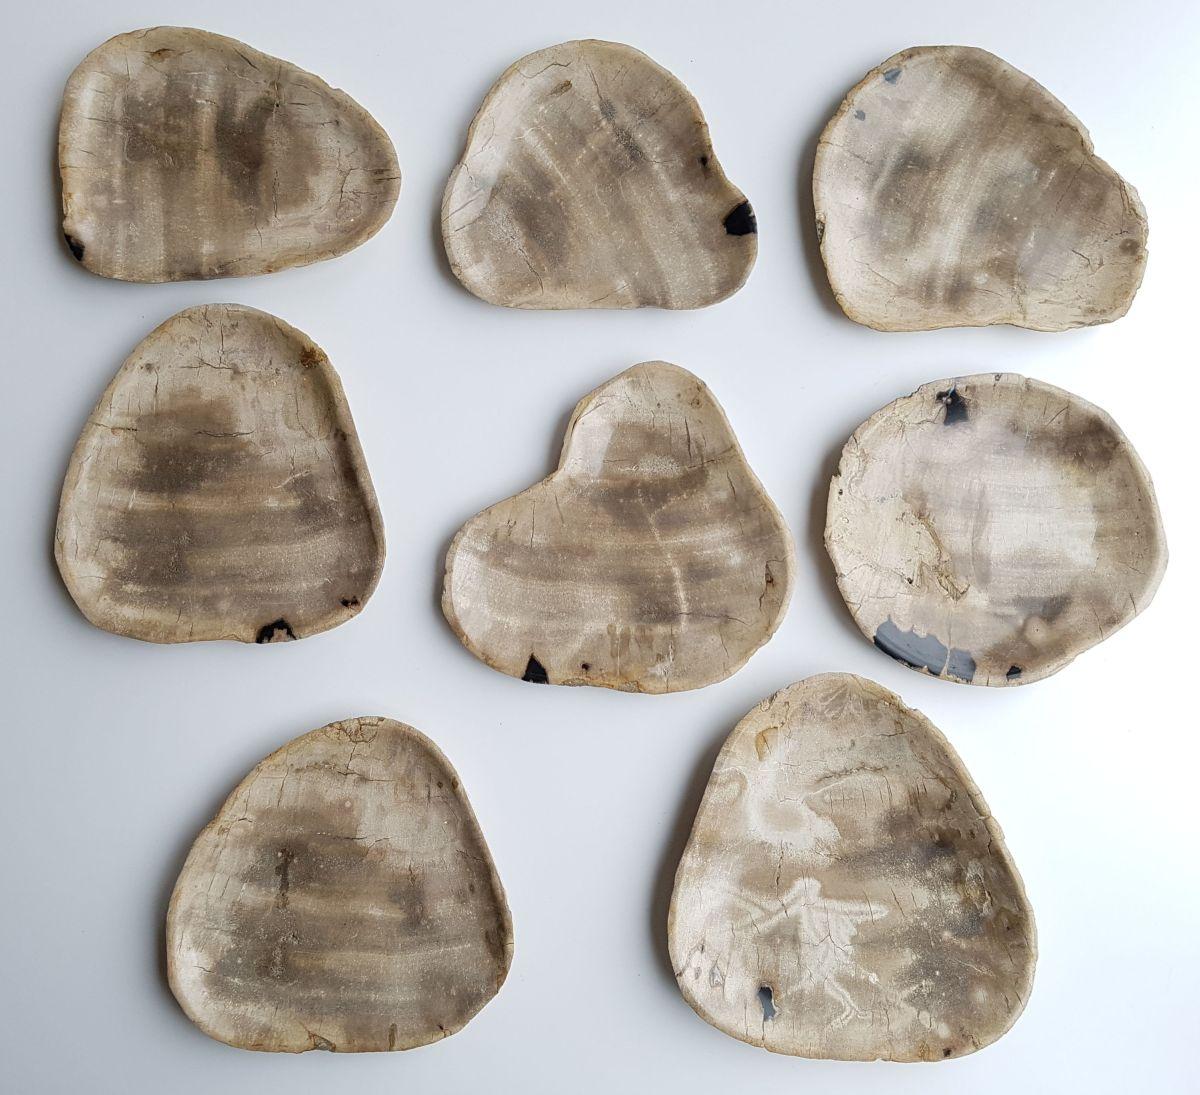 Plate petrified wood 33004k